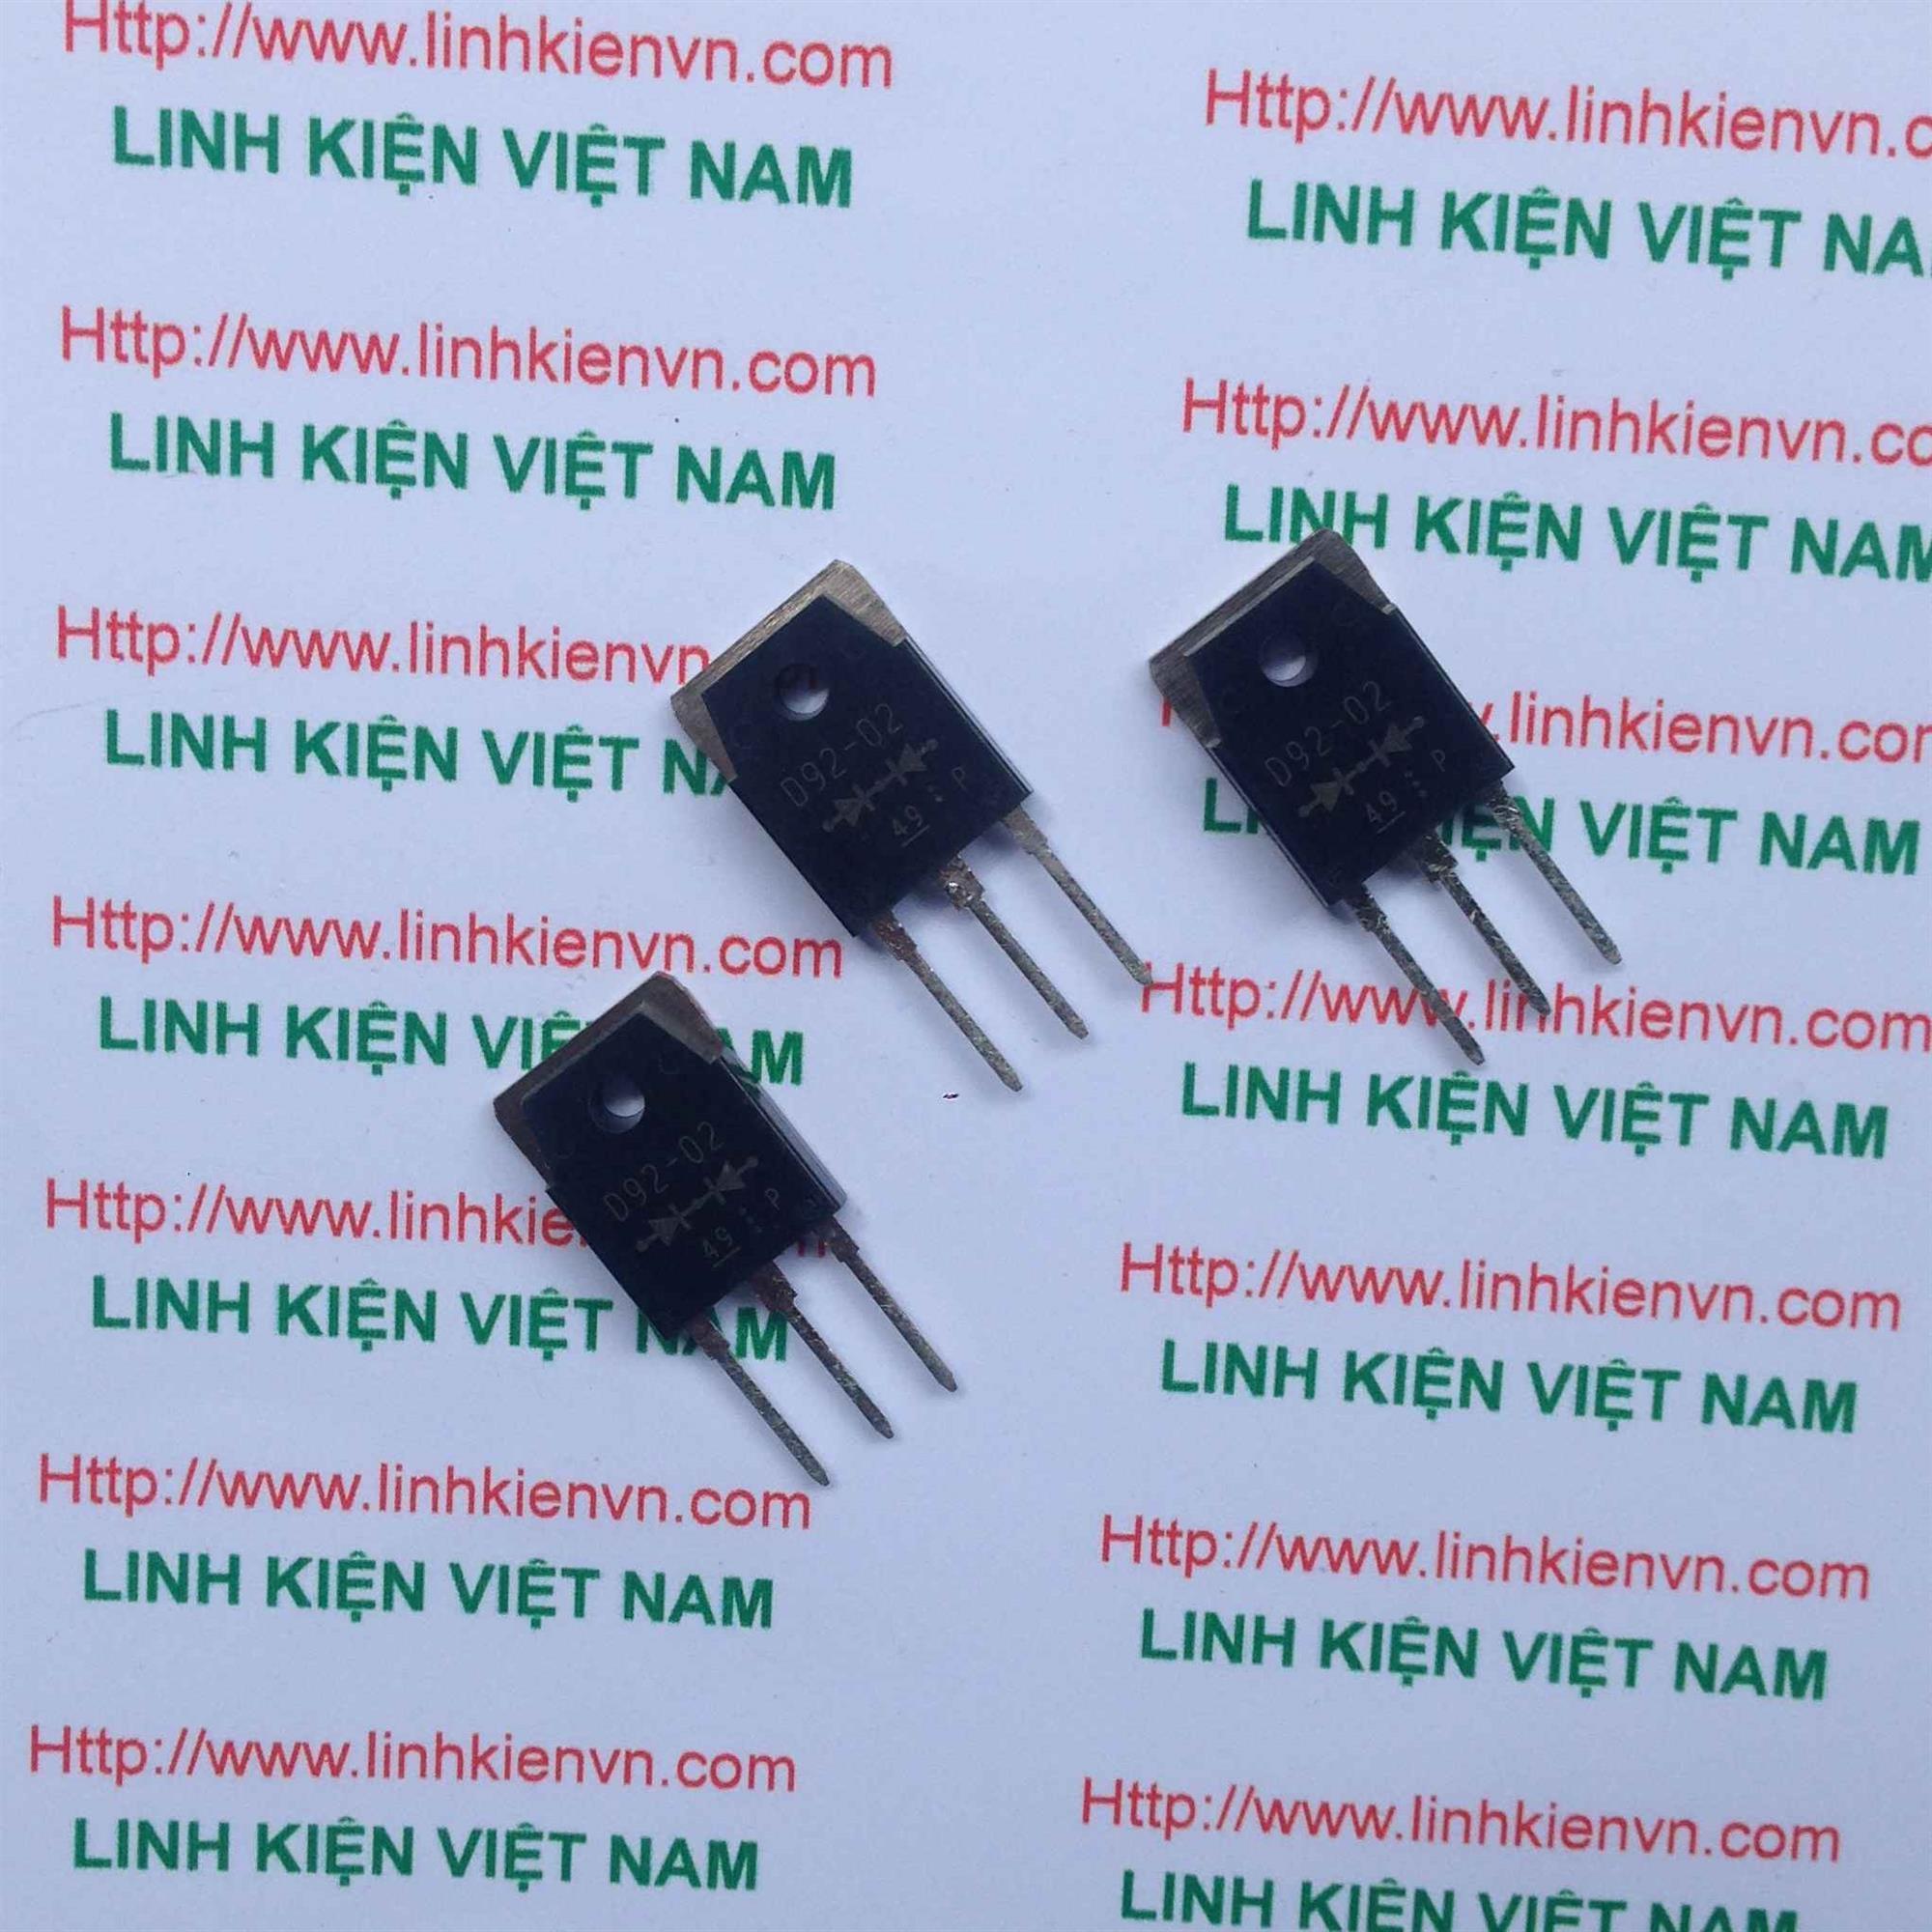 Diode xung D92-02 20A 220V/ Diode ultrafast D92-02 - G4H6